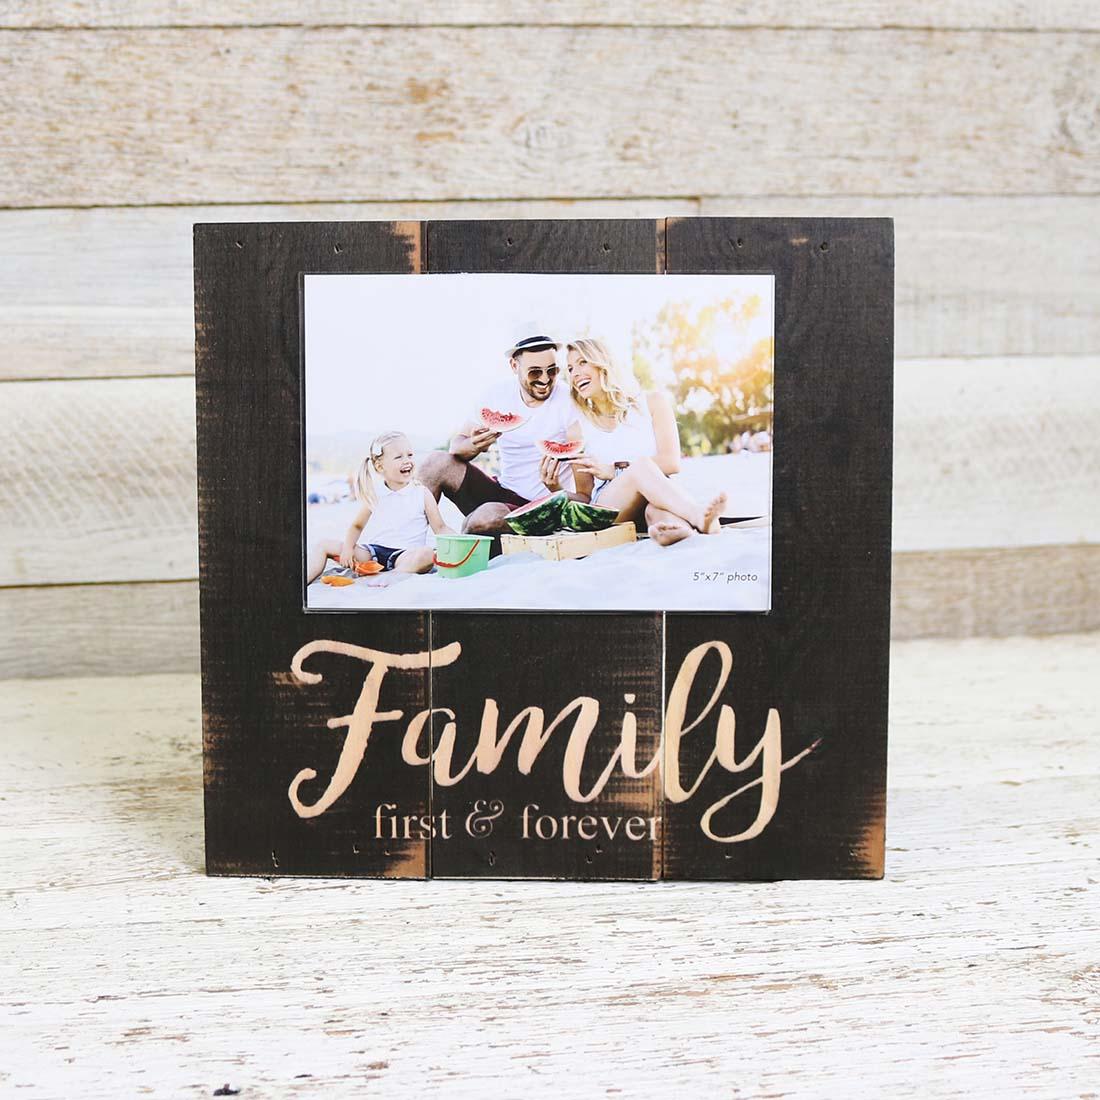 Family Forever Photo Frame 3D Freestanding 6x4 Wooden Brown /& Cream SG1577